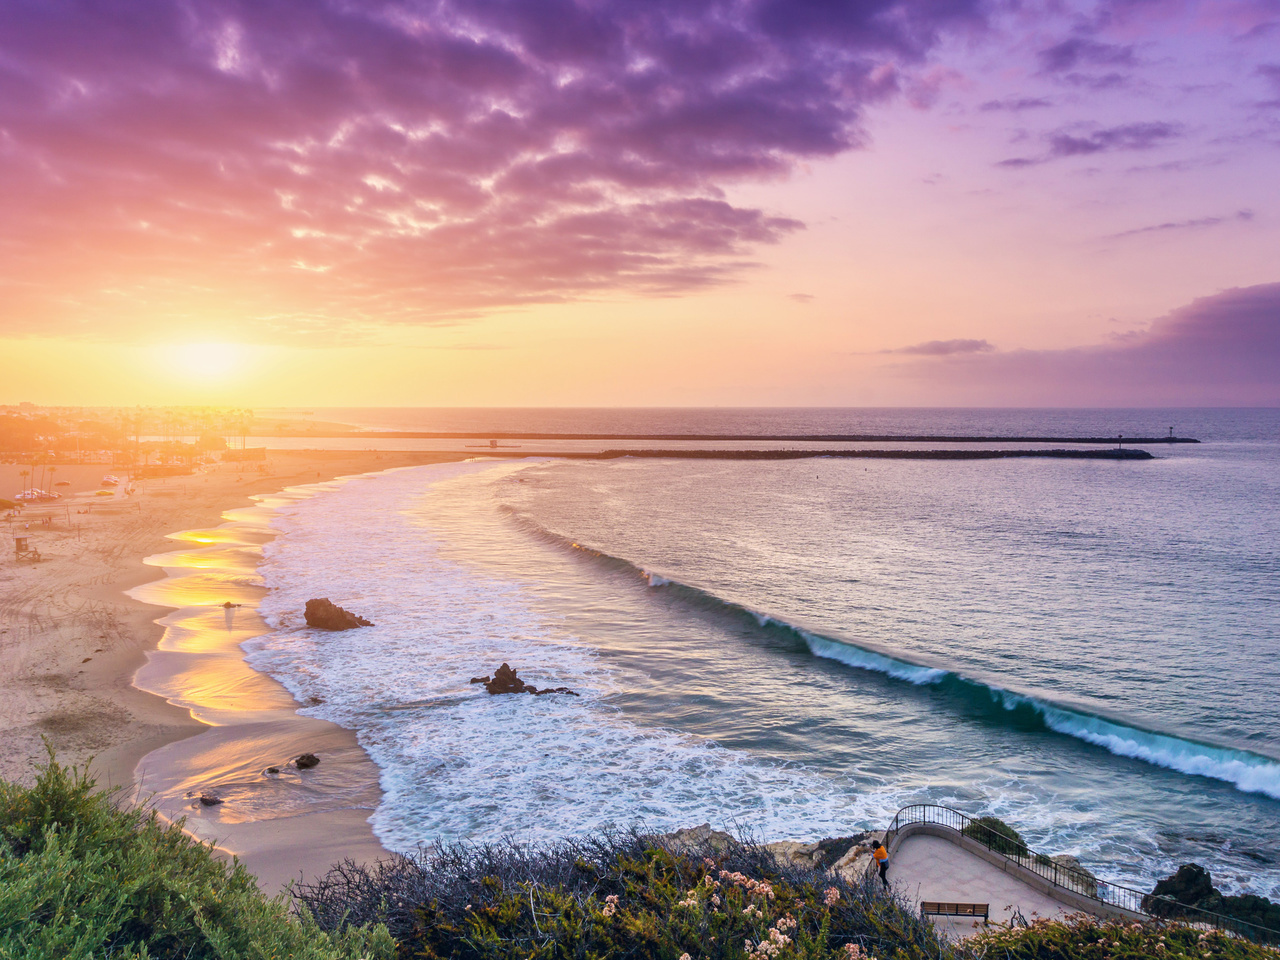 Corona del Mar Newport Beach (1280x960)